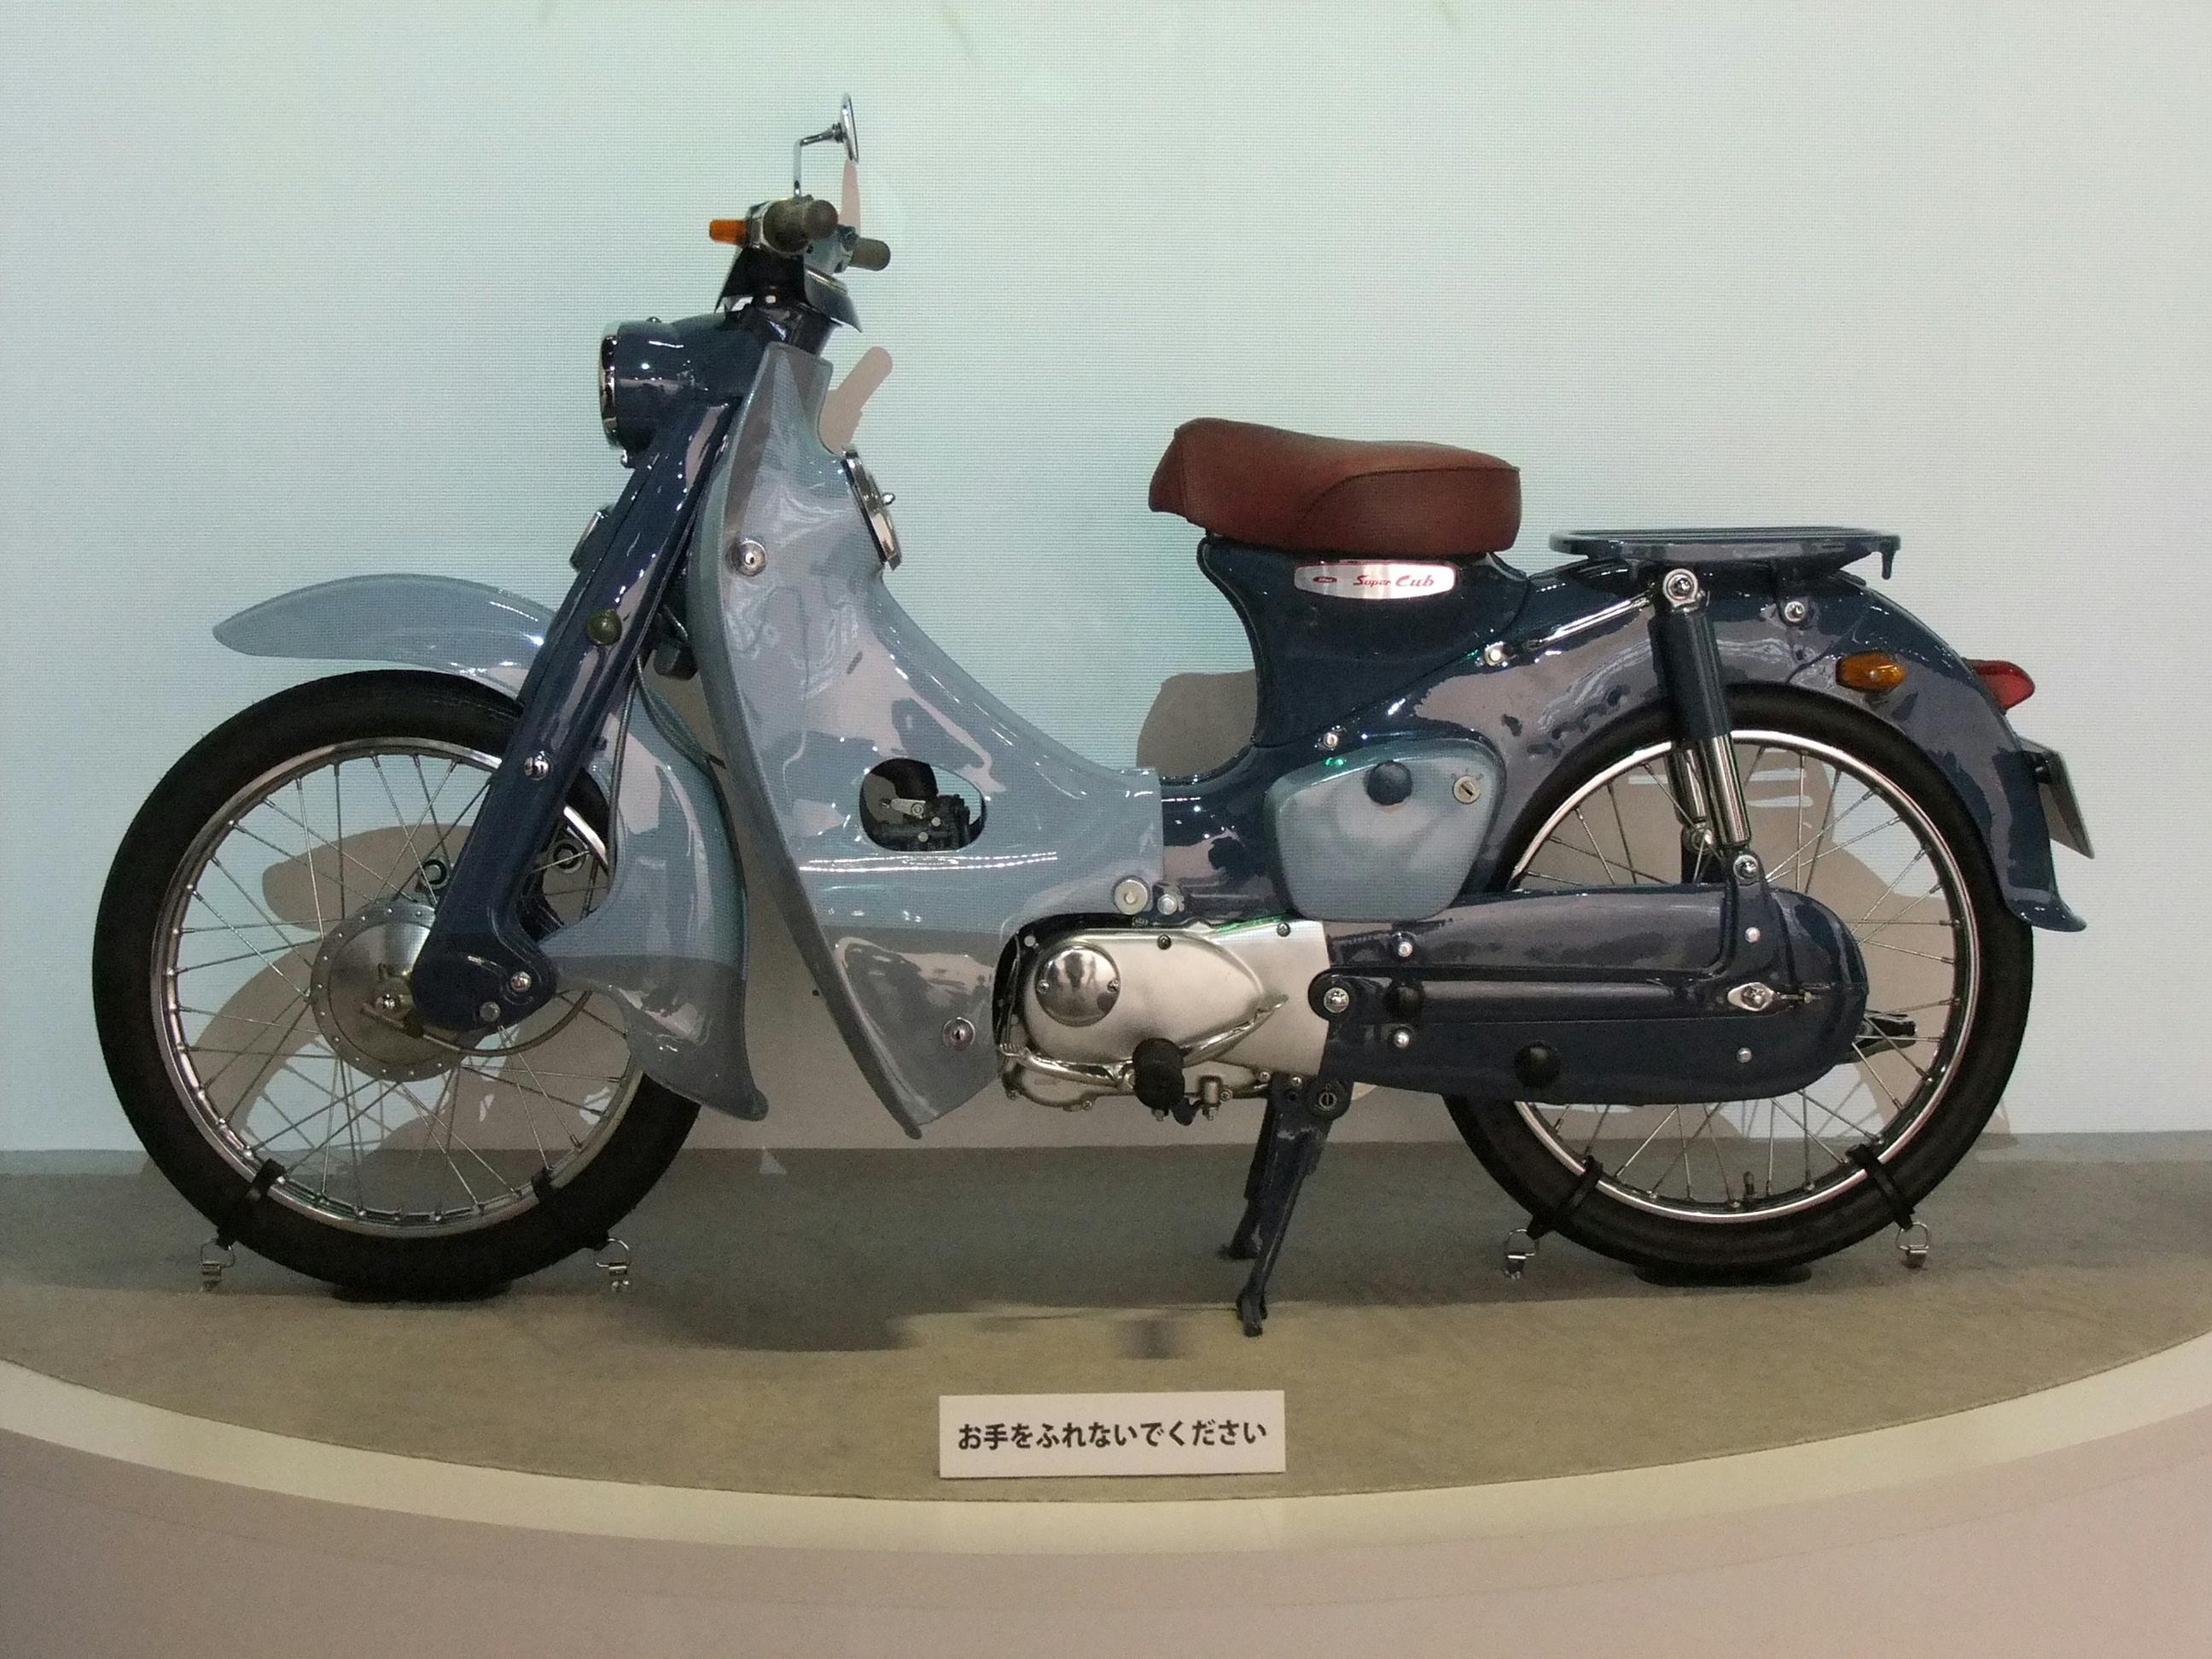 Honda Super Cub 1st Gen